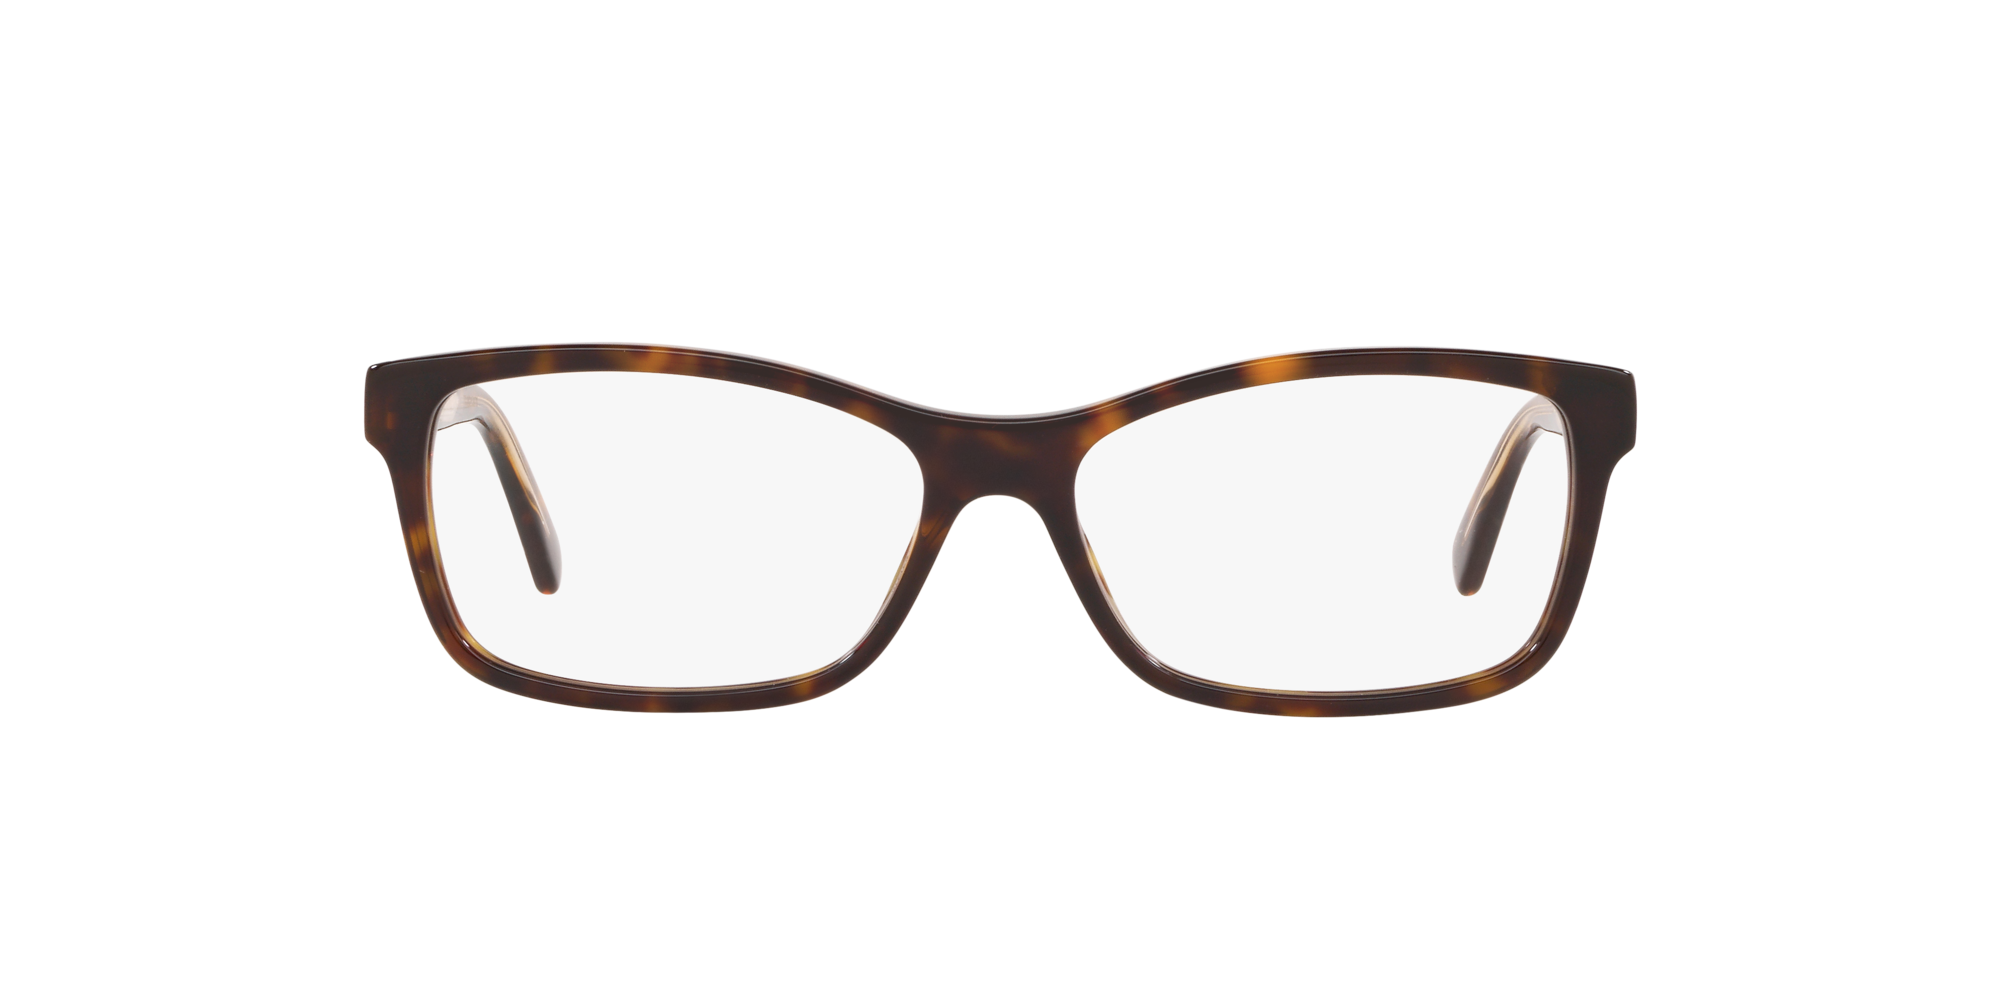 Imagen para GG0316O de LensCrafters |  Espejuelos, espejuelos graduados en línea, gafas